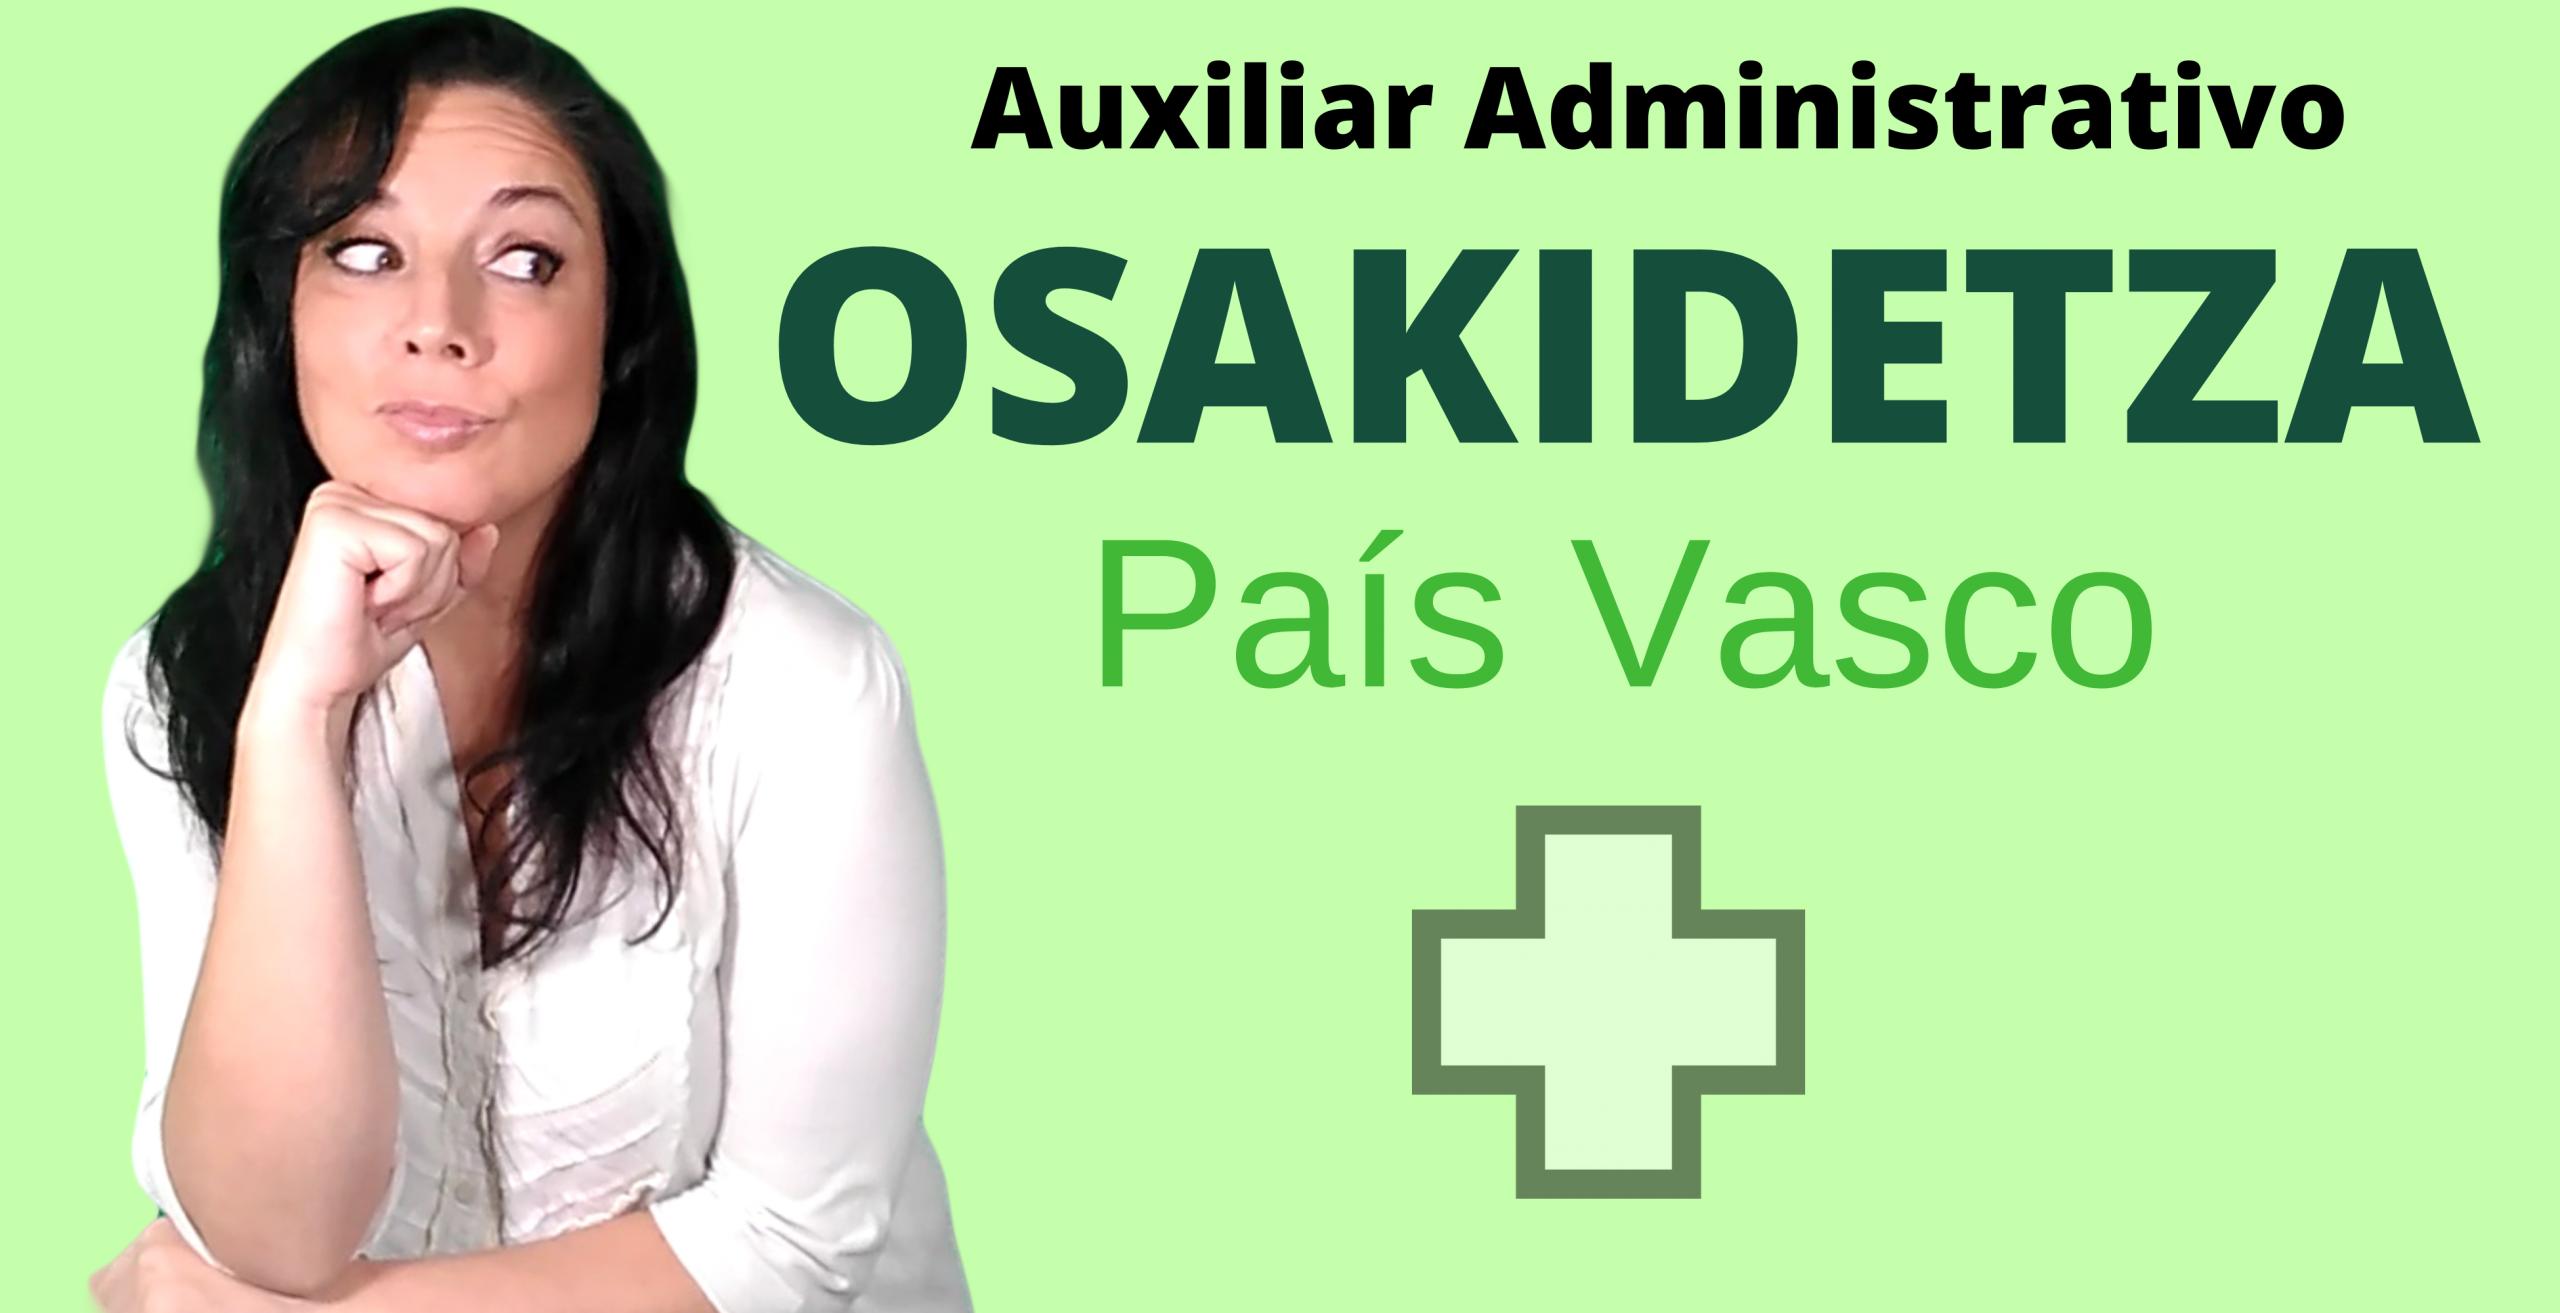 oposiciones administrativo pais vasco